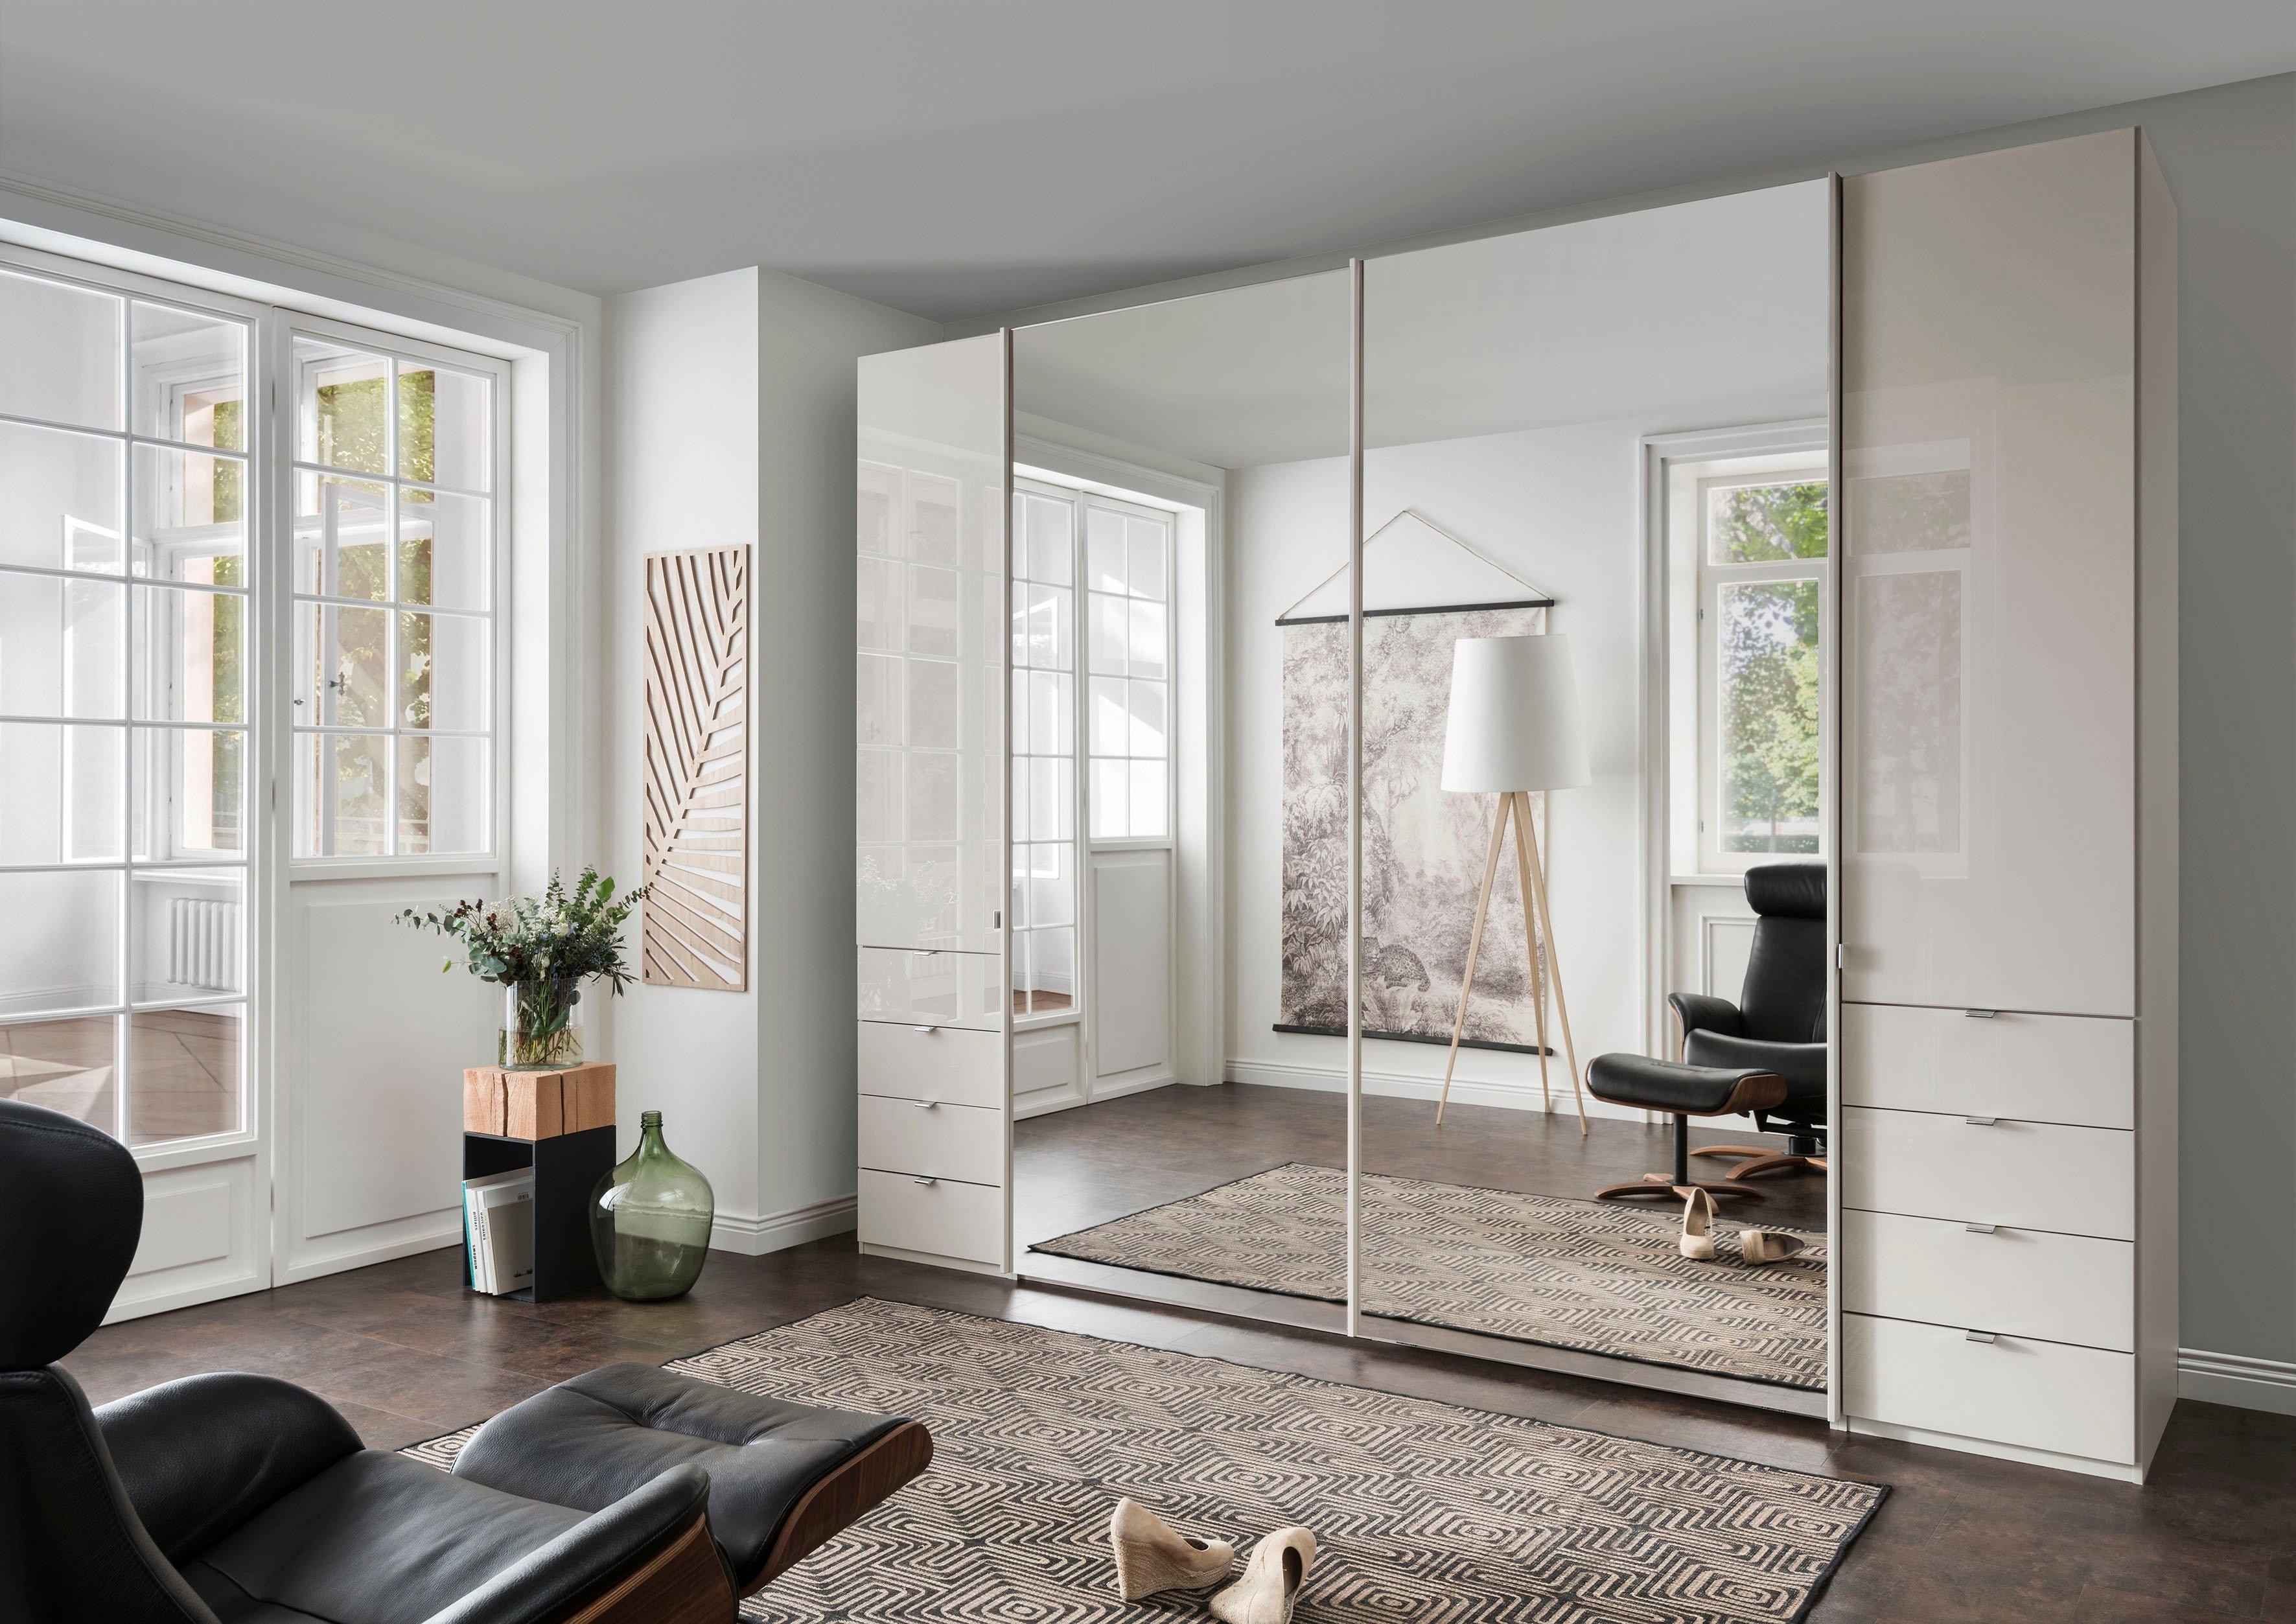 WIEMANN Draai-/zweefdeurkast Nizza met glazen front en spiegel online kopen op otto.nl